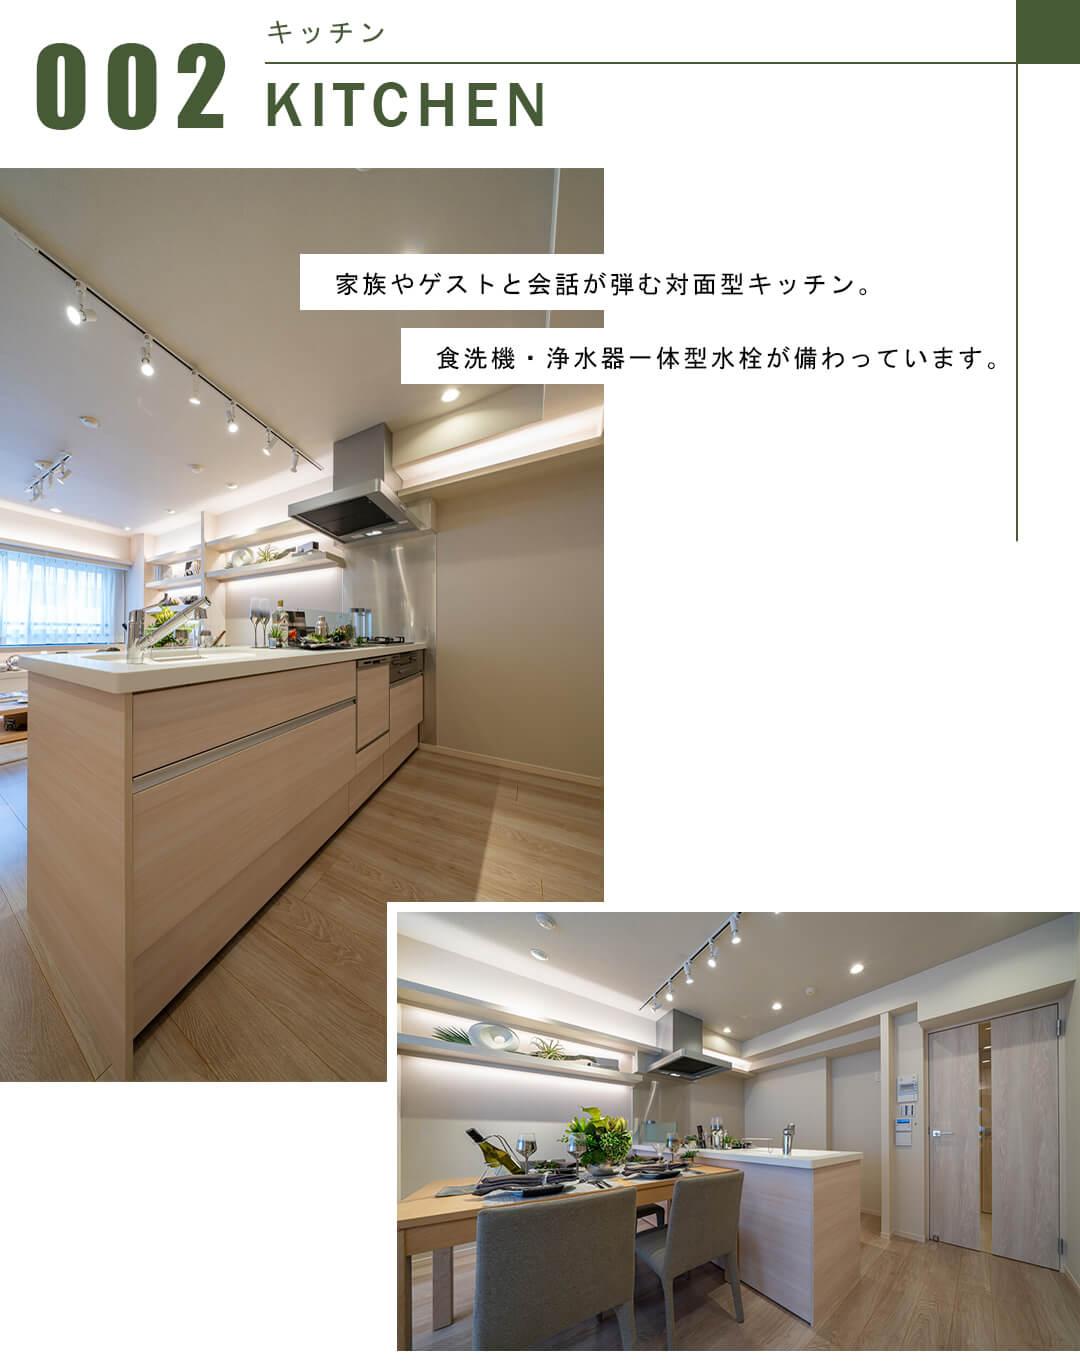 クレッセント麻布Ⅱのキッチン